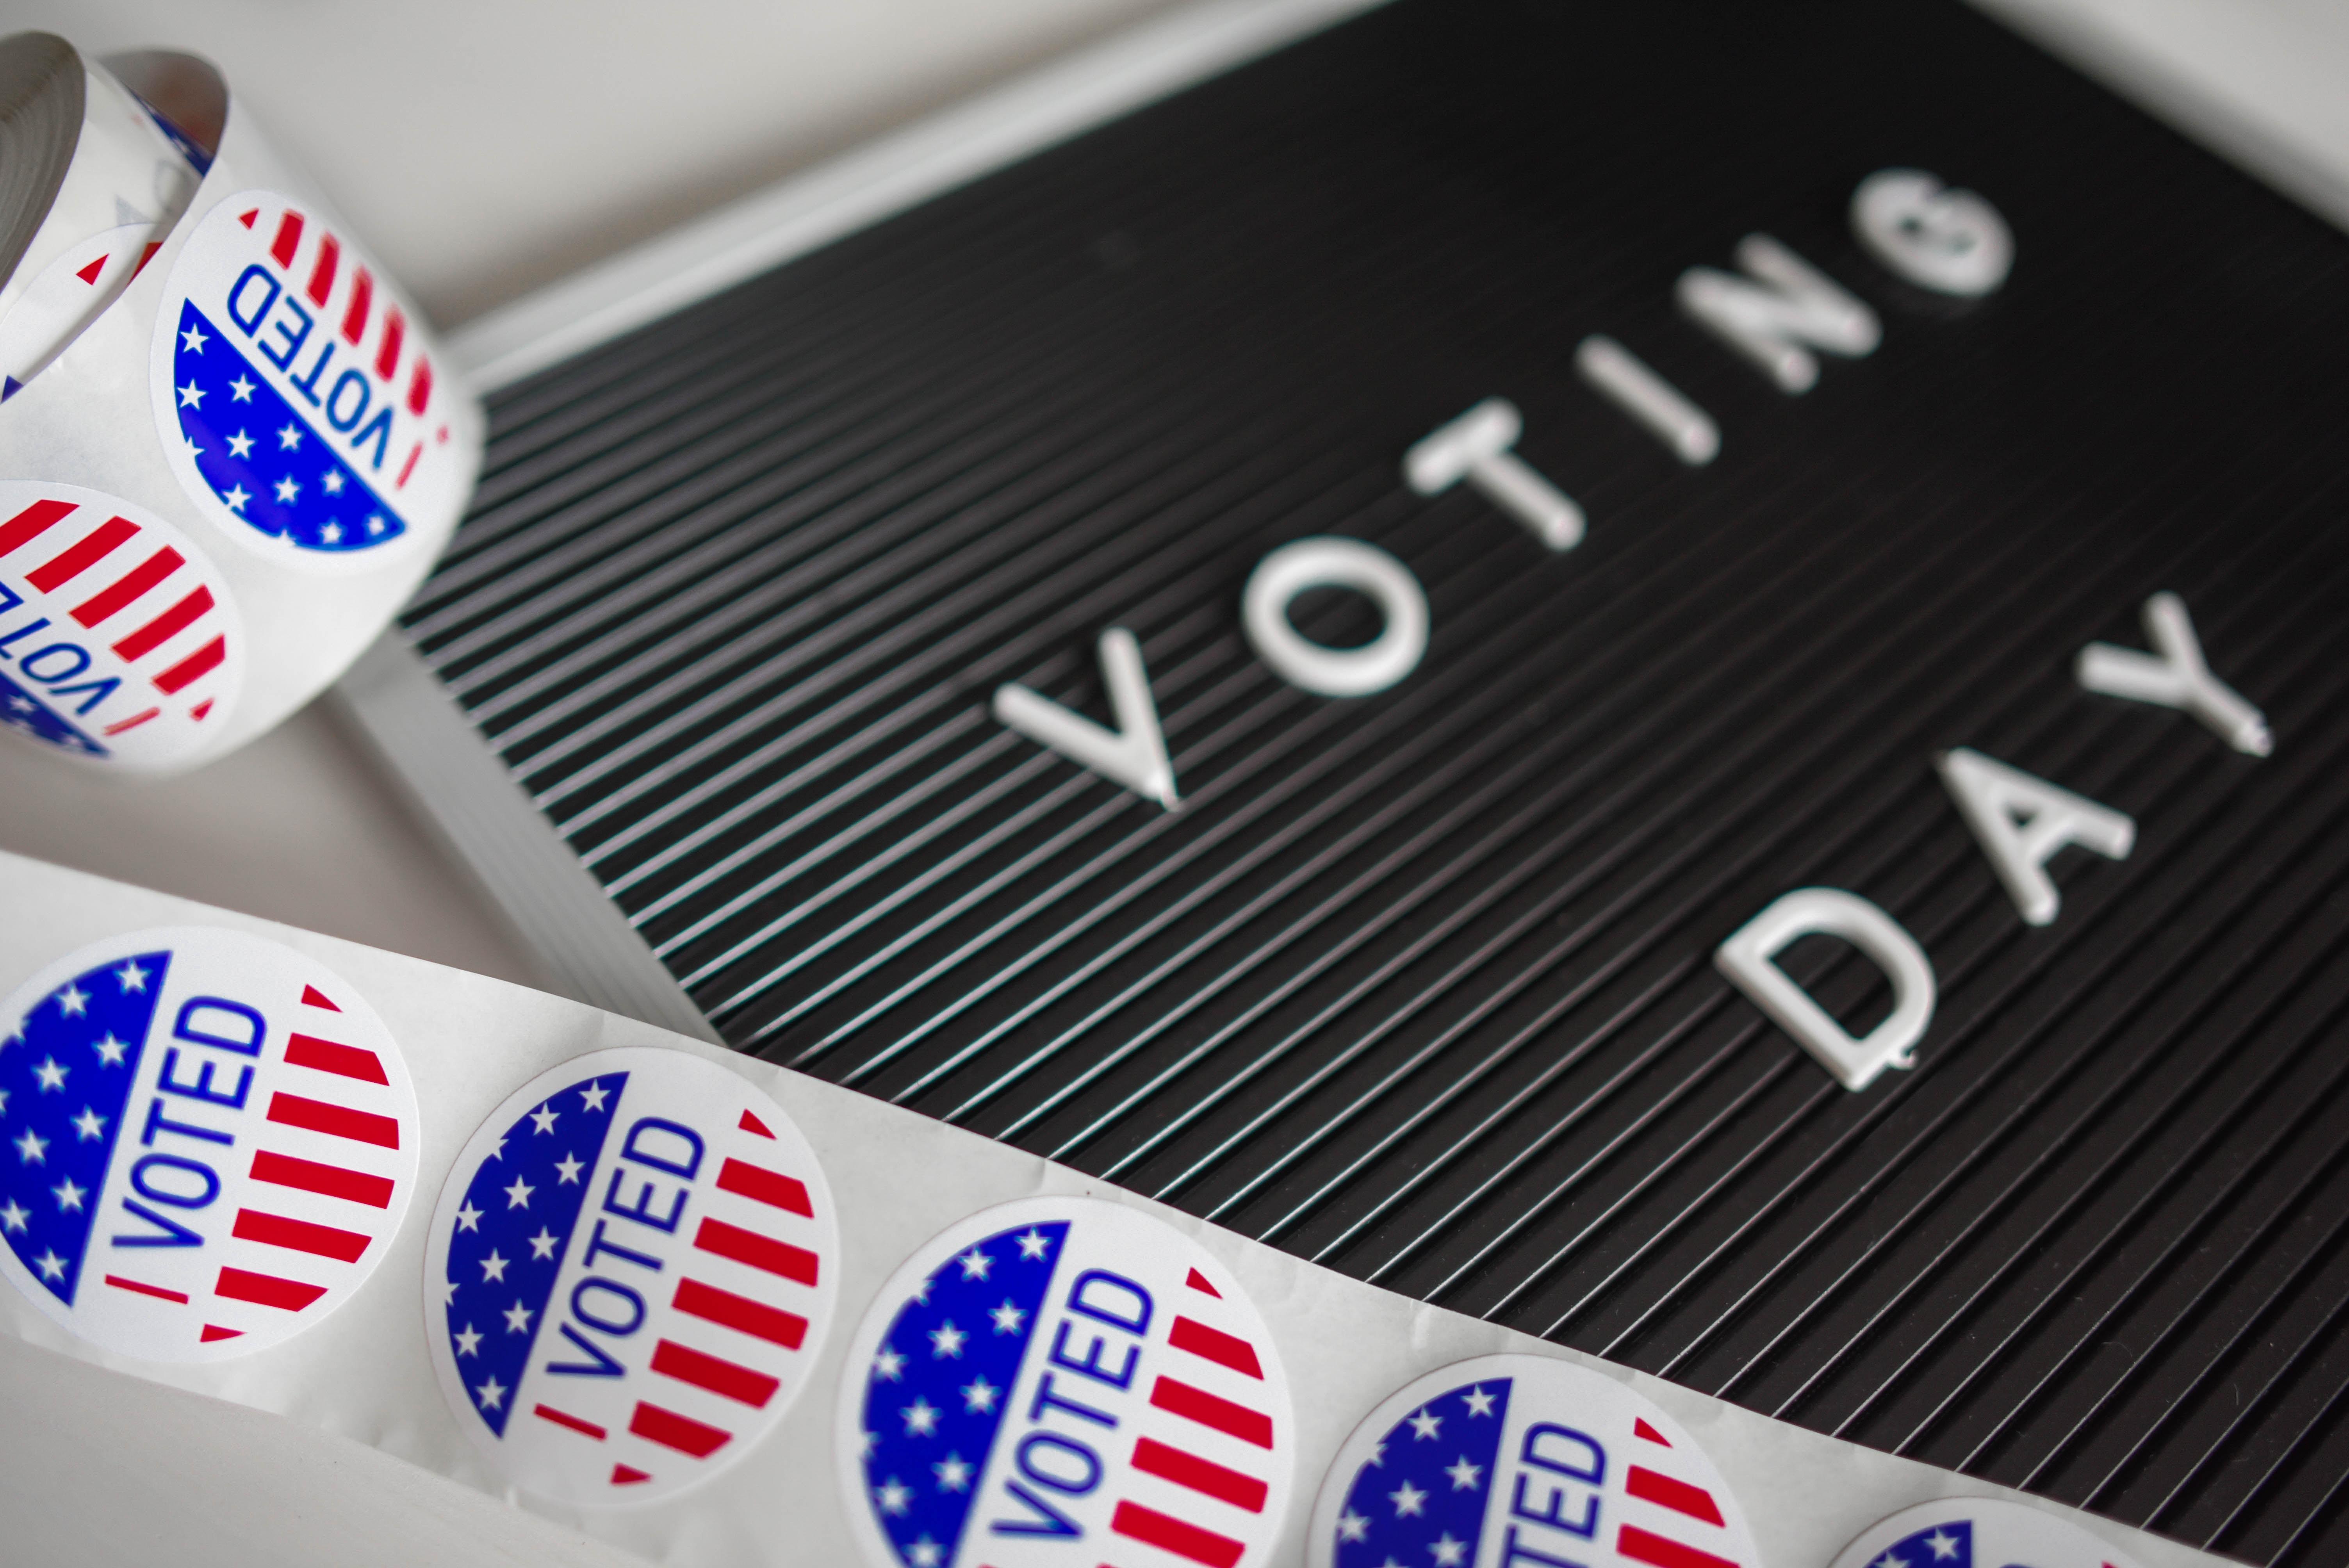 element5 digital 1126225 unsplash 1 1 - Go Vote!